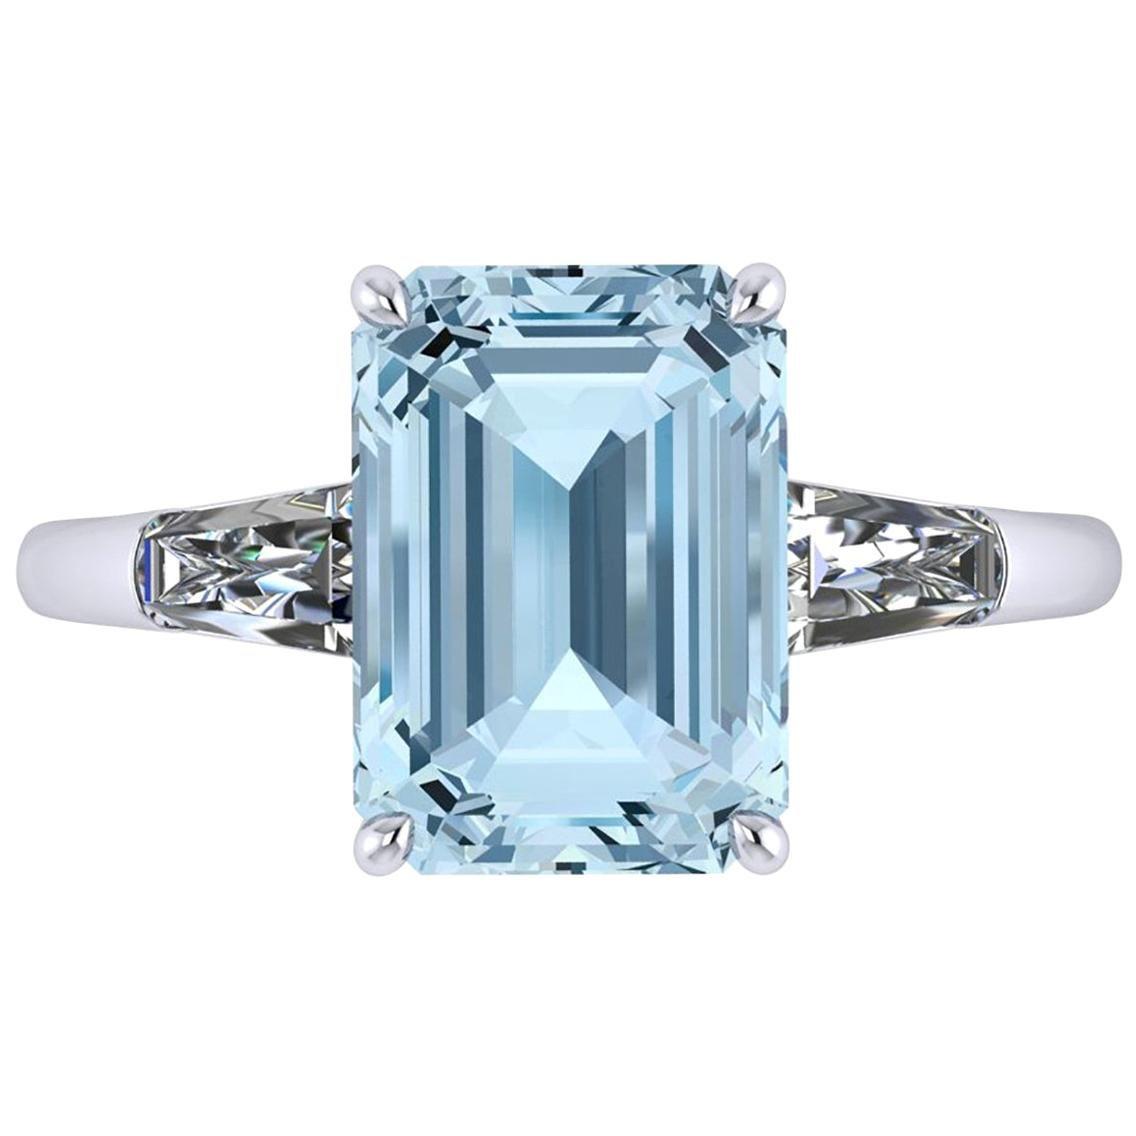 4.61 Carat Emerald Aquamarine 0.42 Carat Diamonds Cocktail Ring